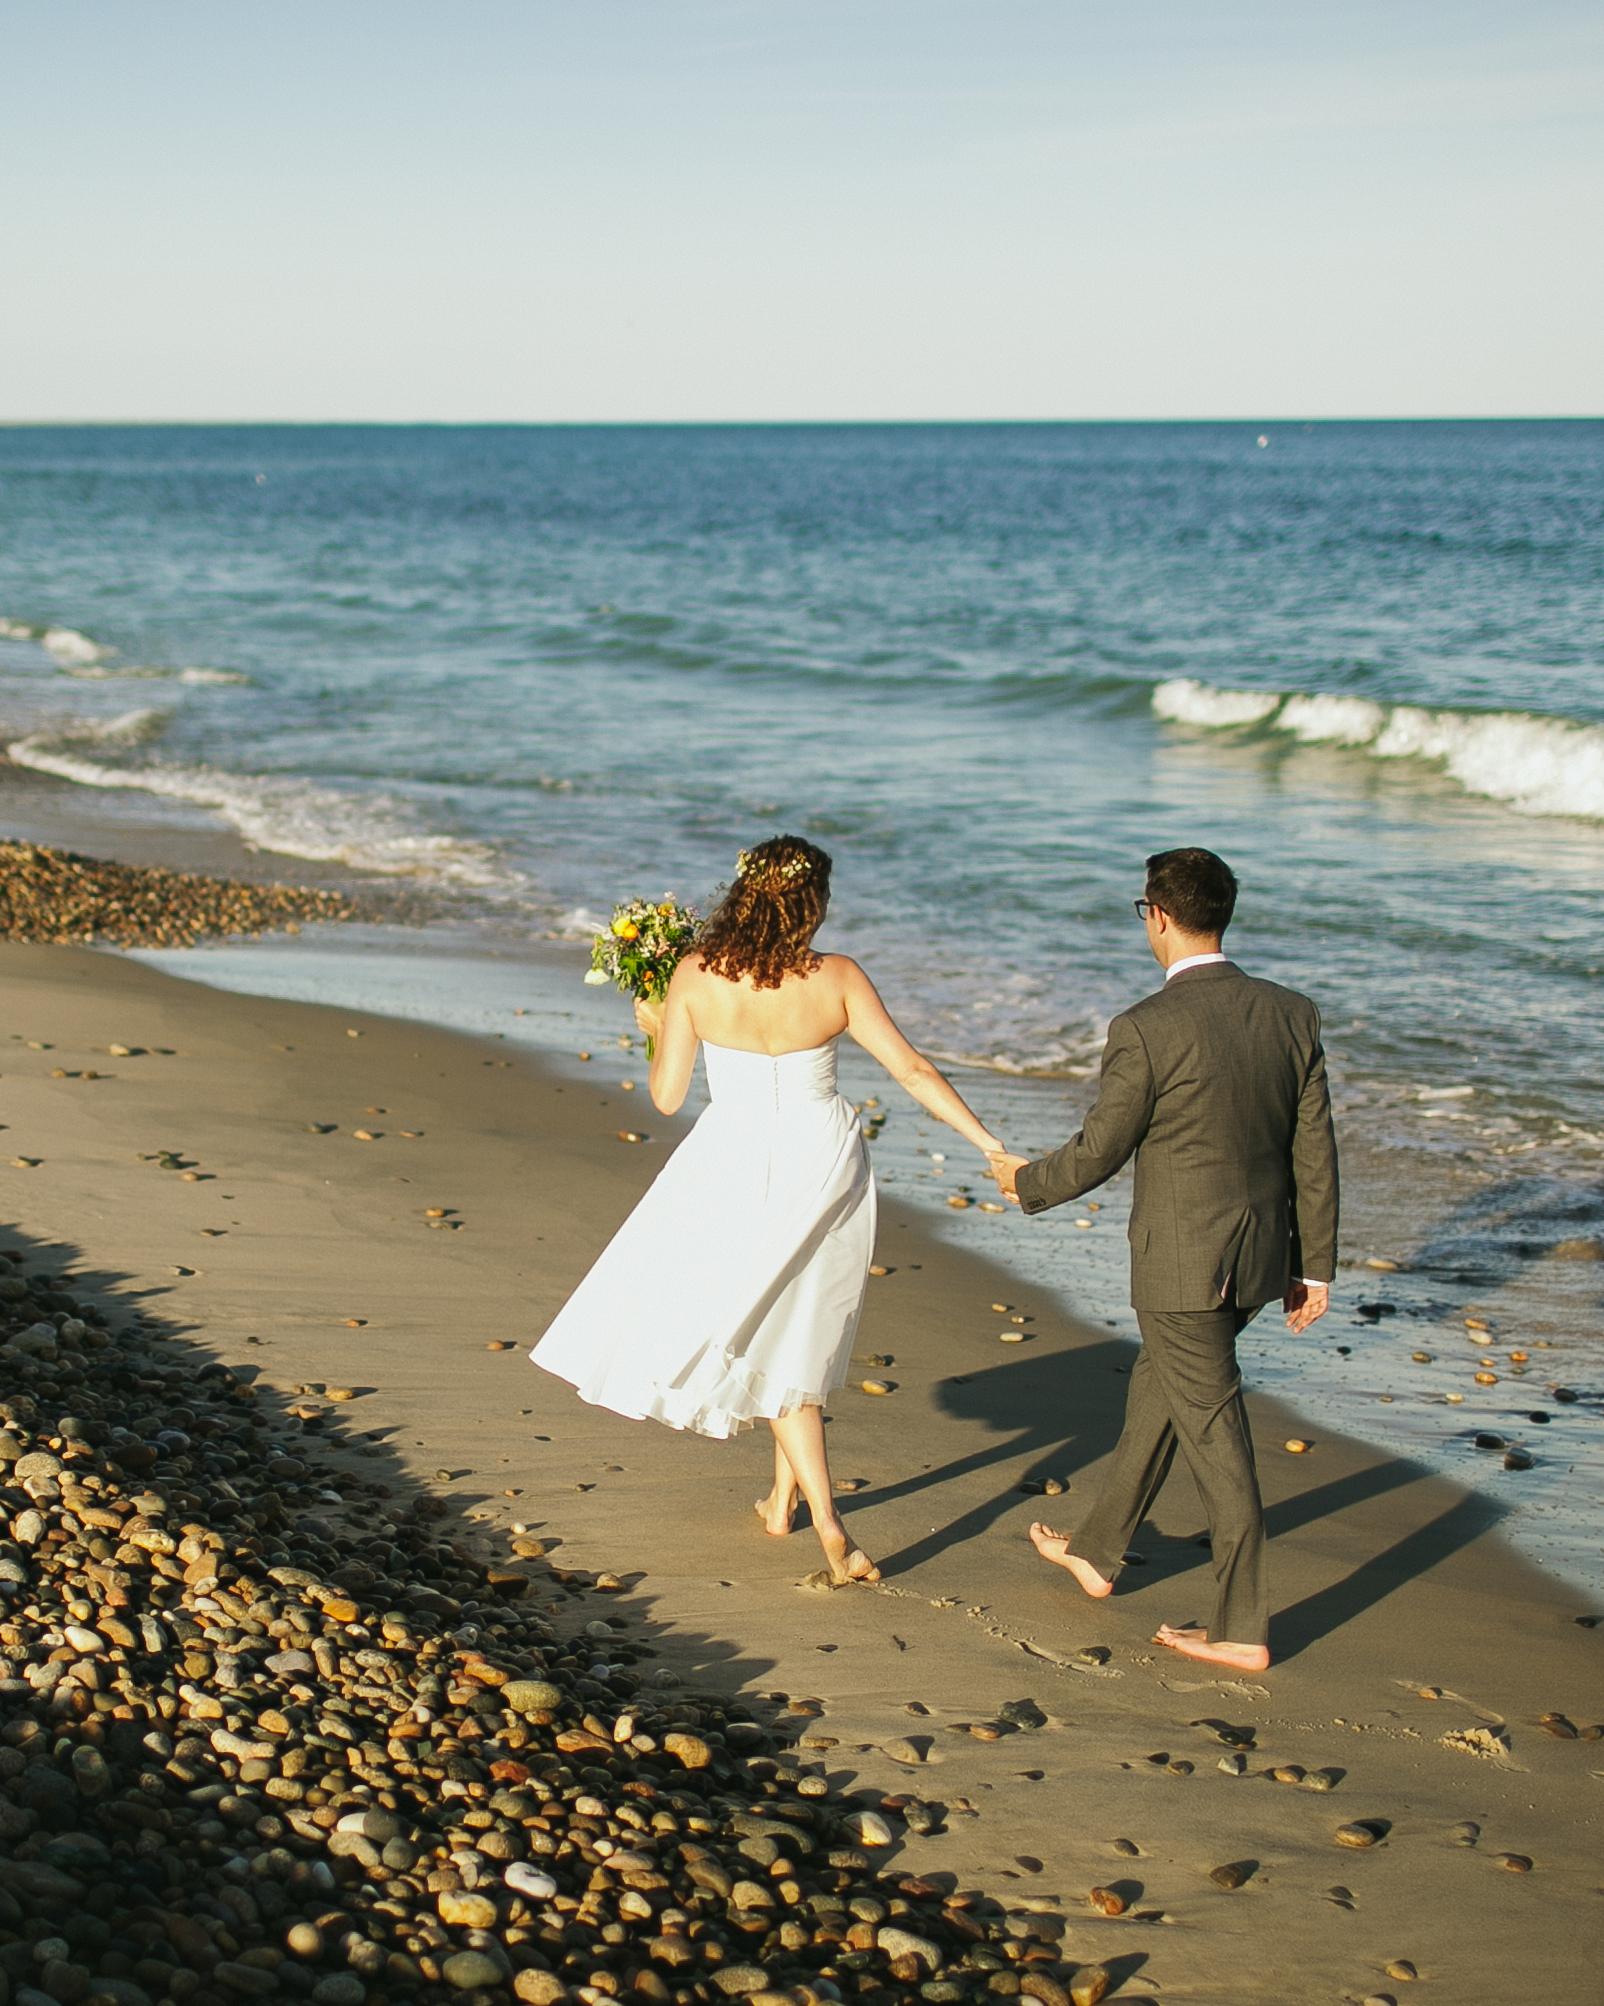 gabriela-tyson-wedding-beach-0710-s111708-1214.jpg